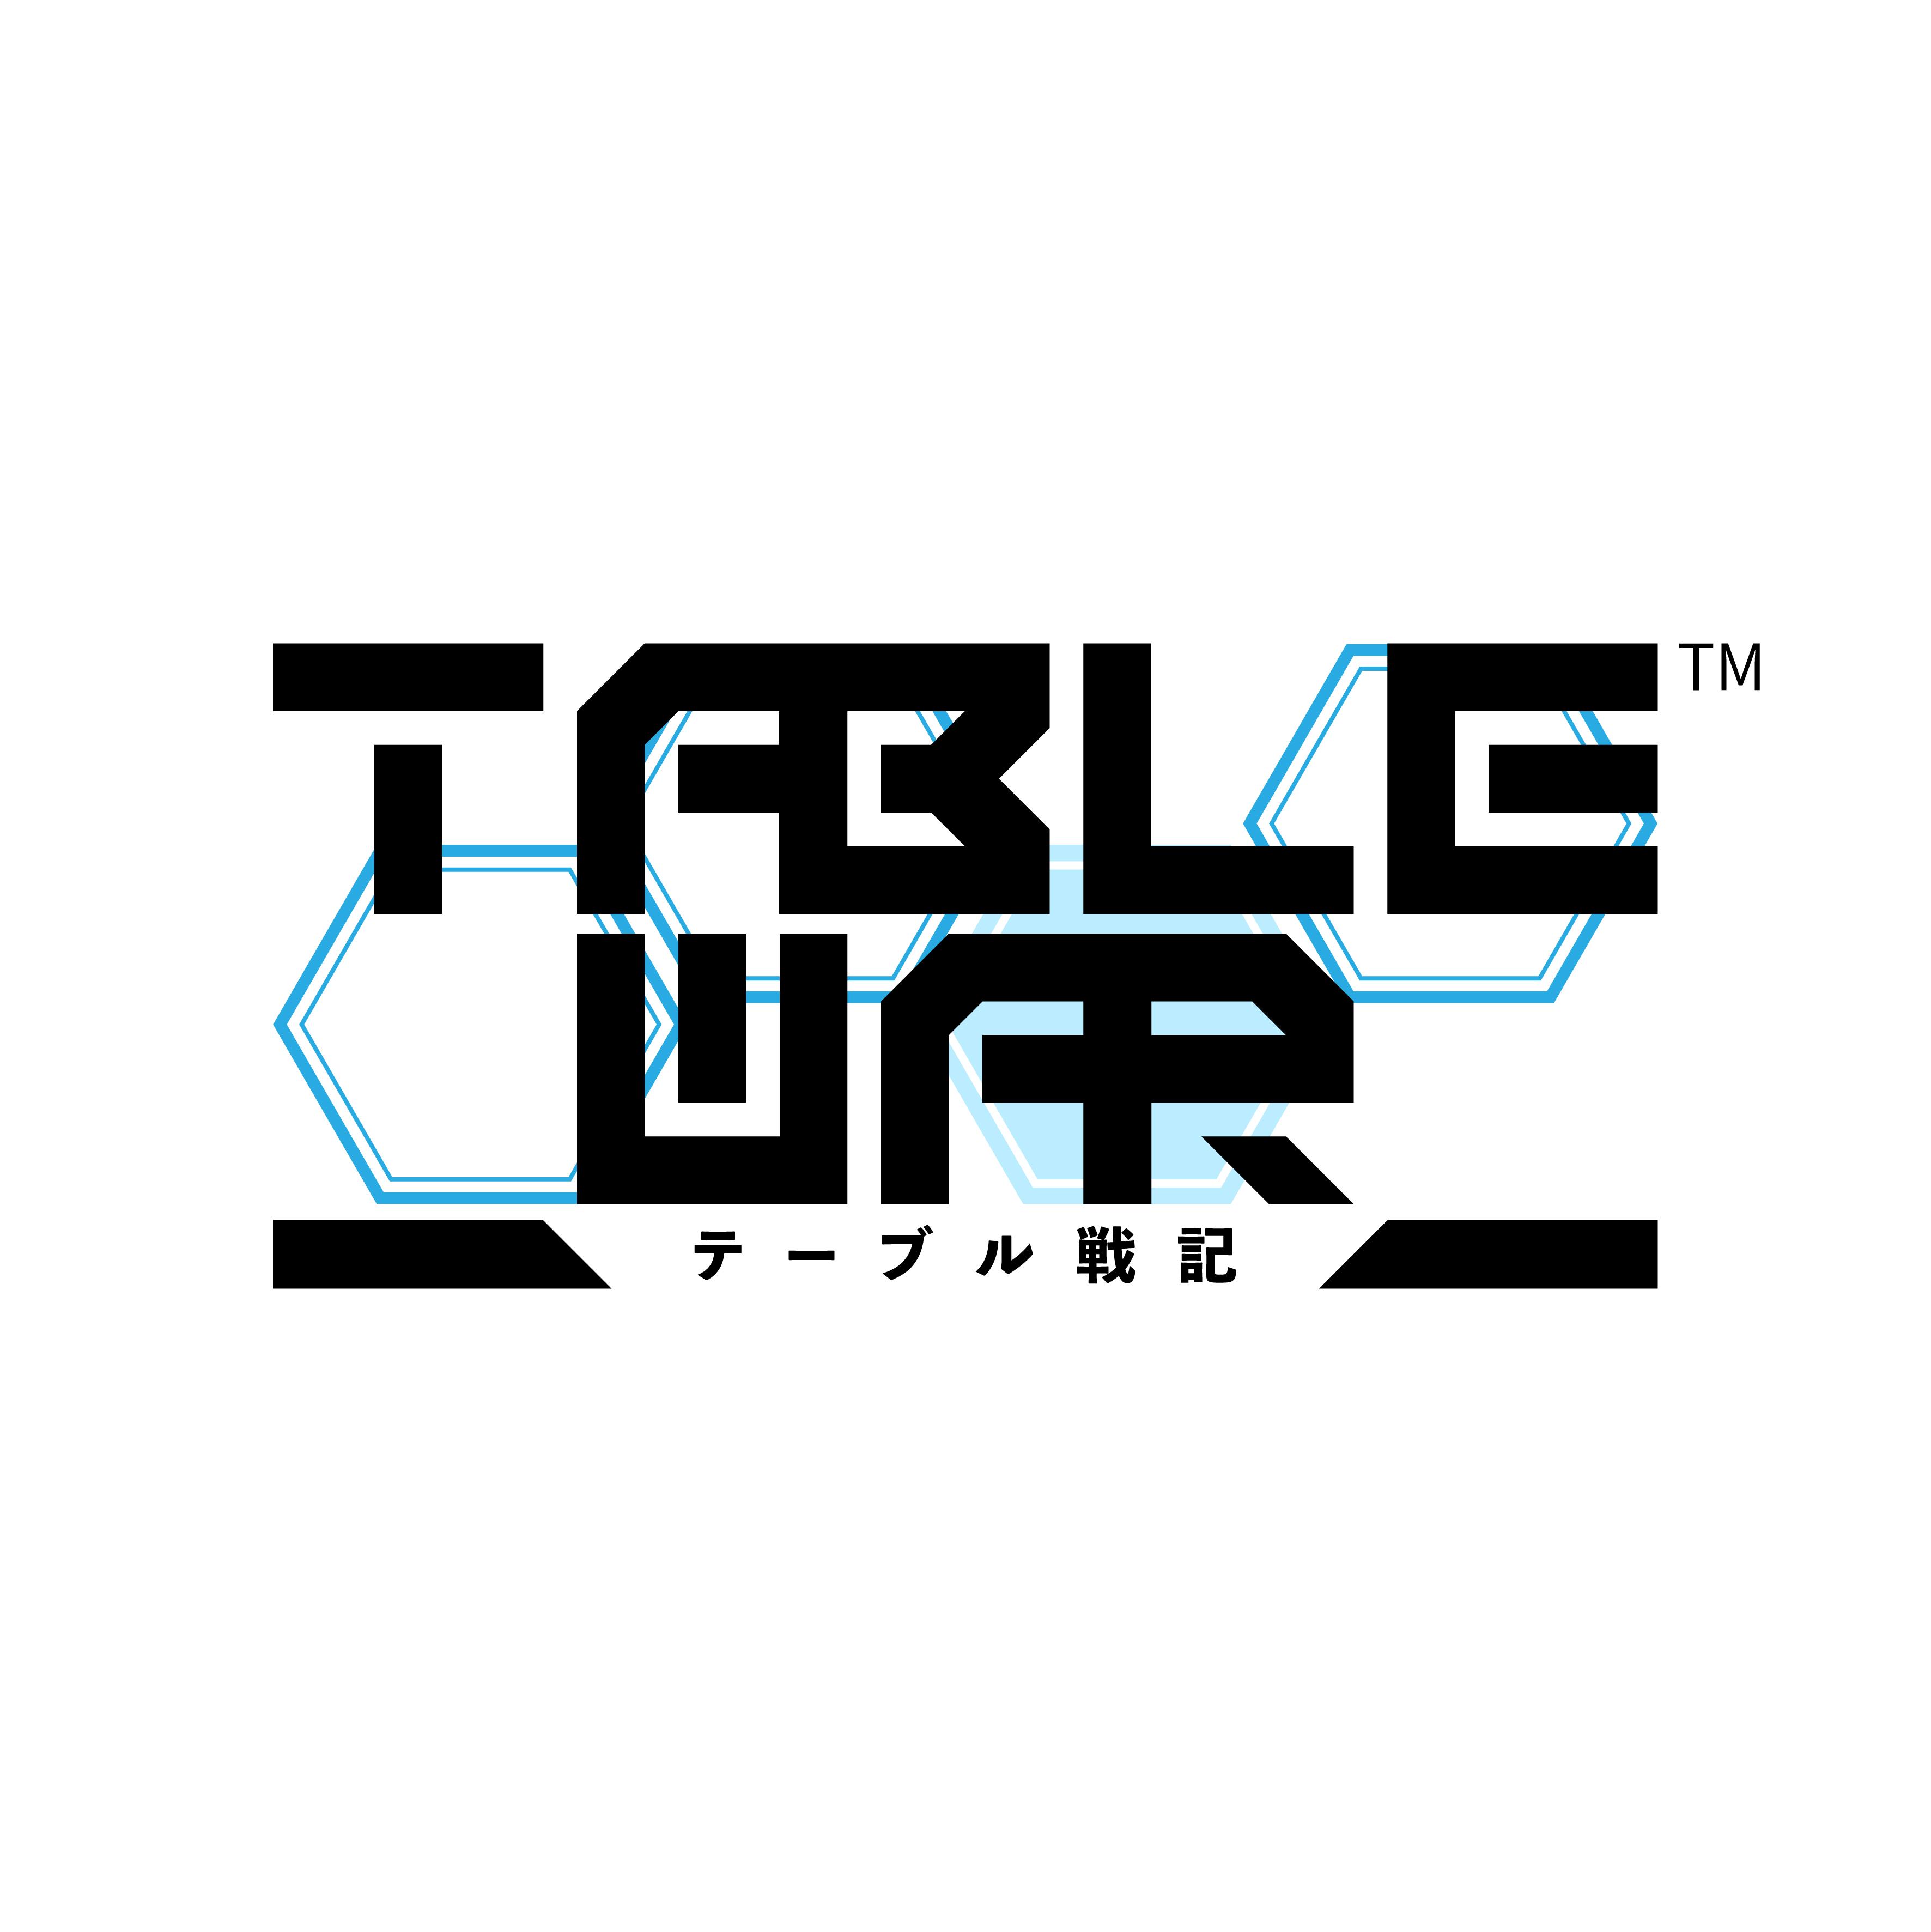 テーブル戦記画像